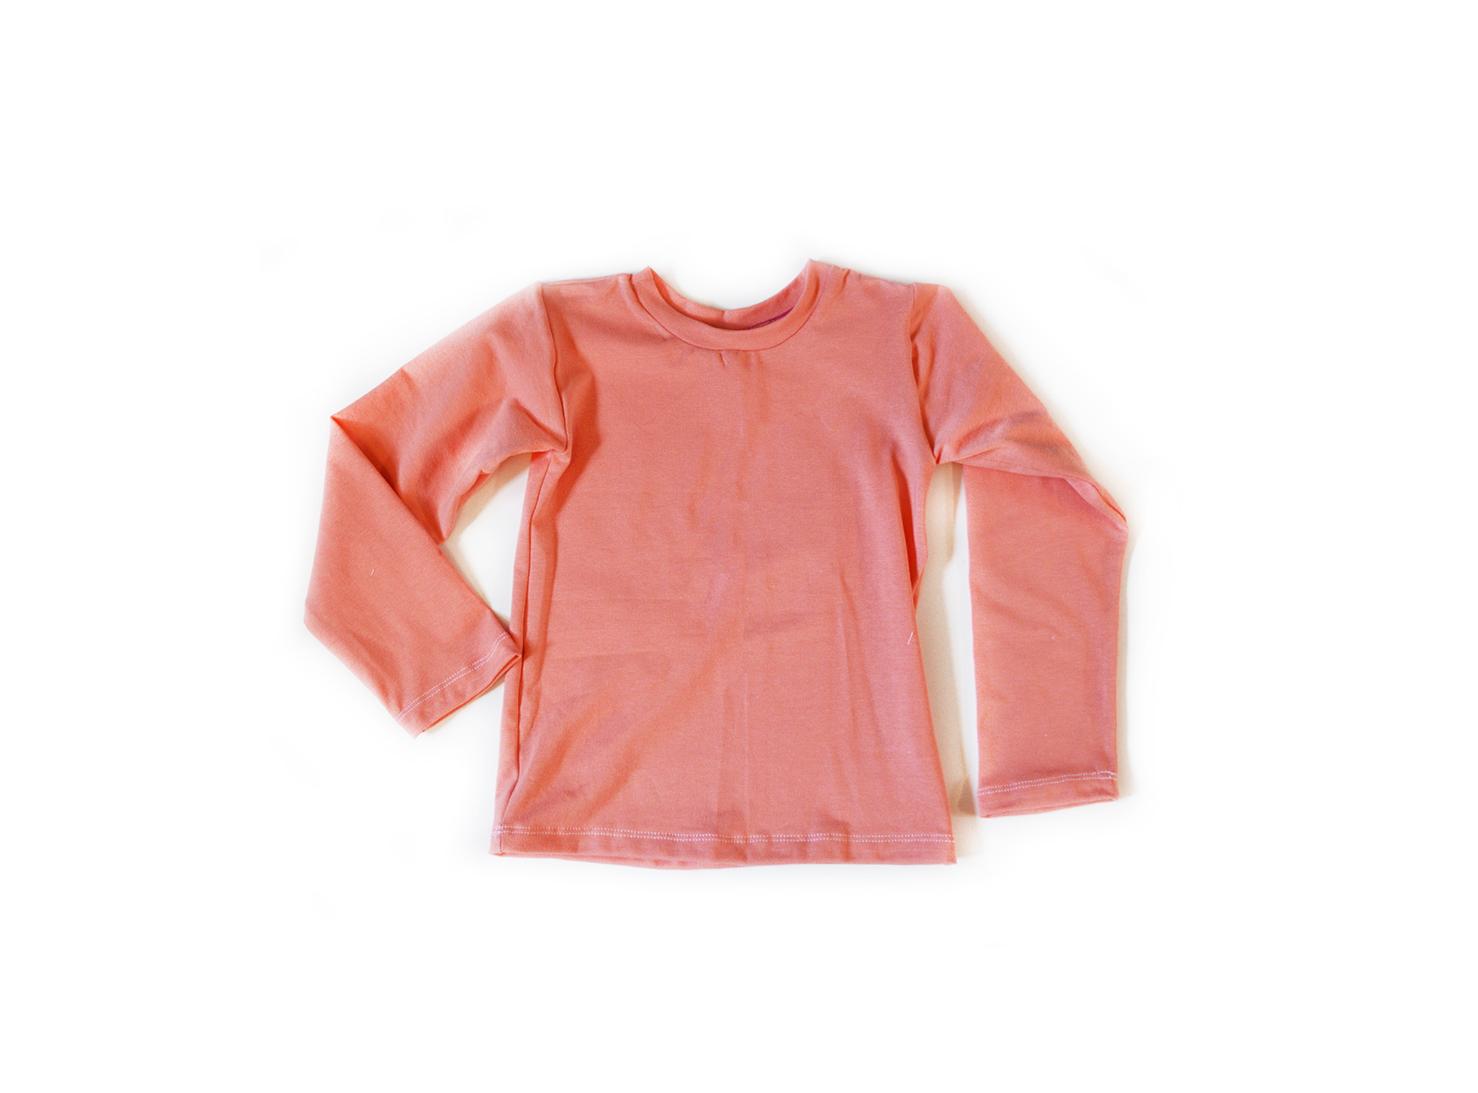 Little Kids Long Sleeve T shirt Coral 00963